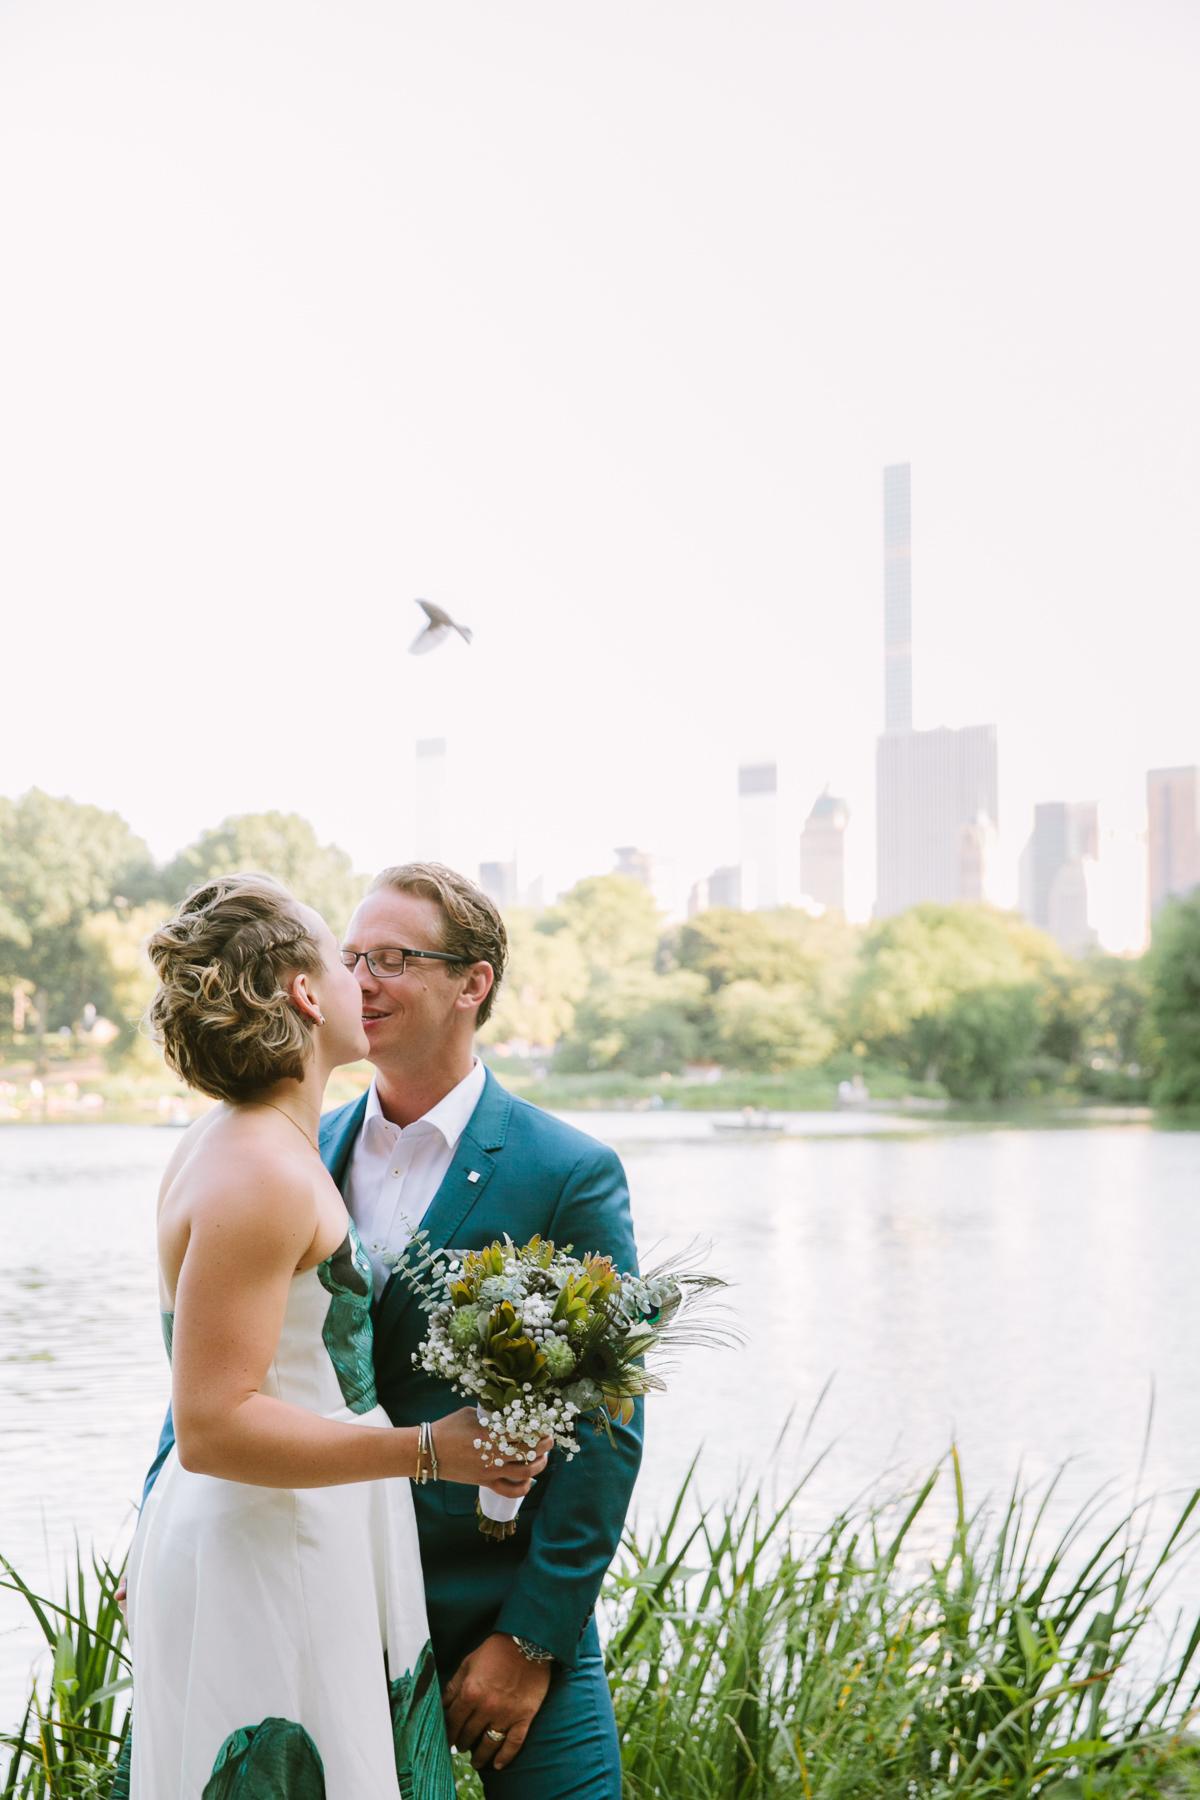 NYC-engagement-photography-by-Tanya-Isaeva-26.jpg